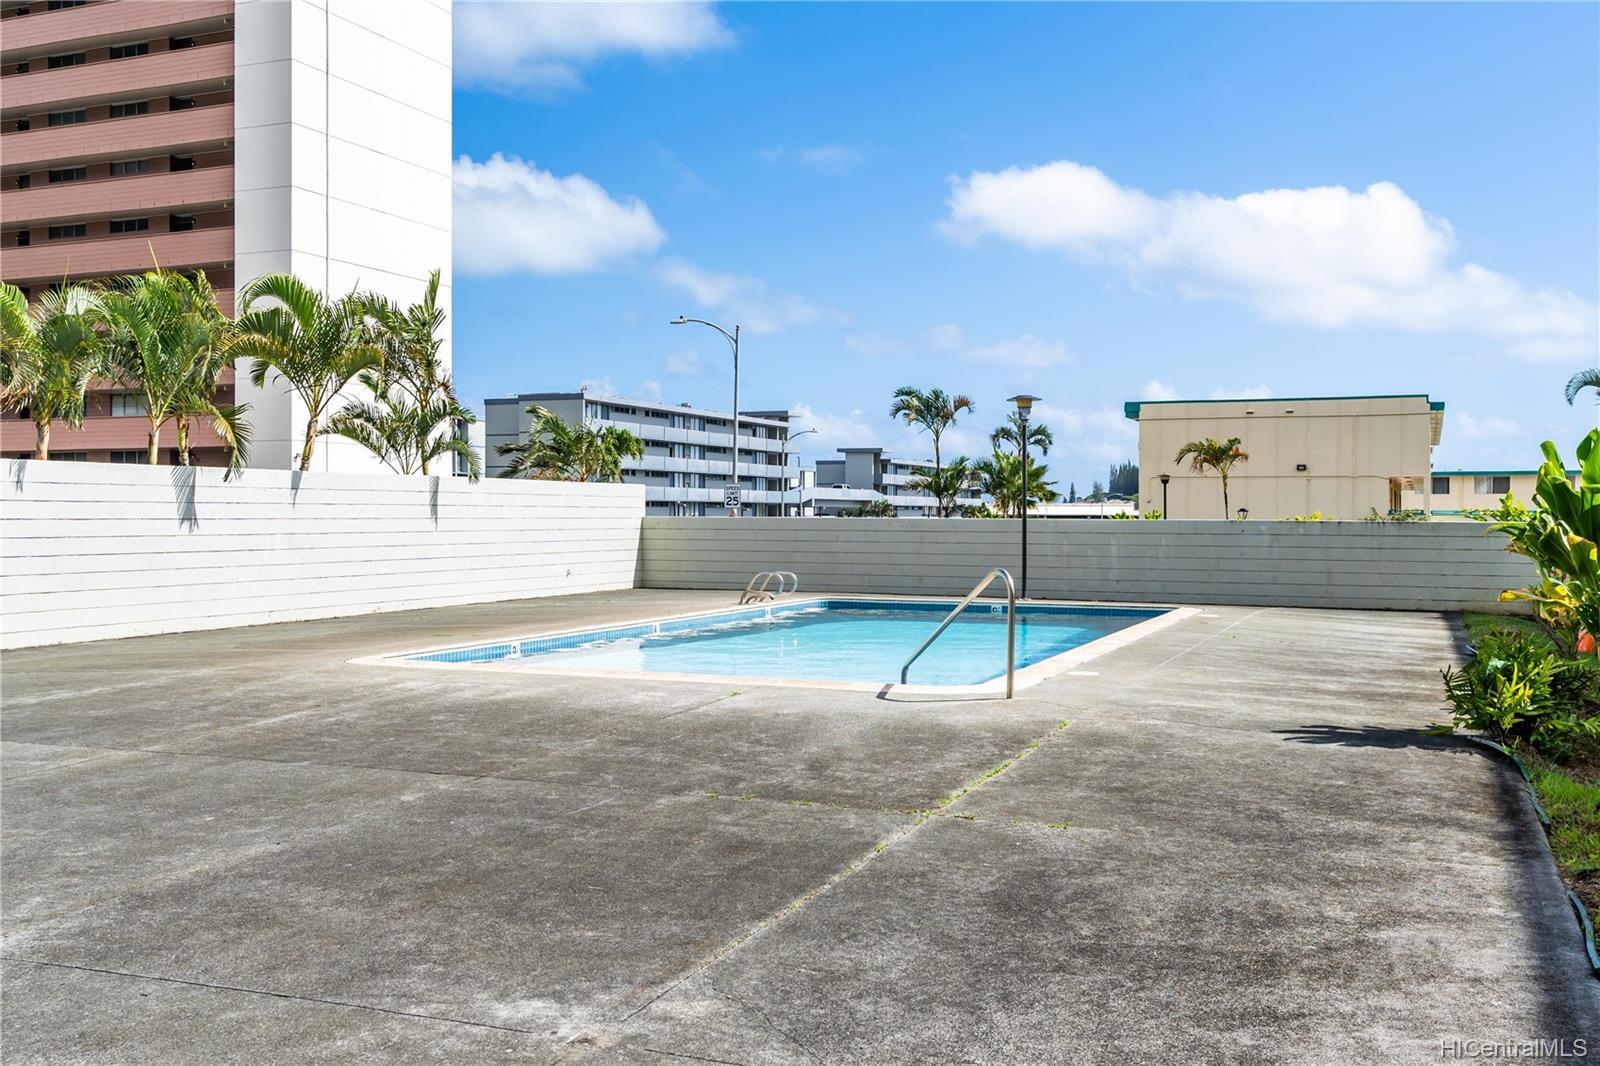 46-270 Kahuhipa Street townhouse # A306, Kaneohe, Hawaii - photo 14 of 15